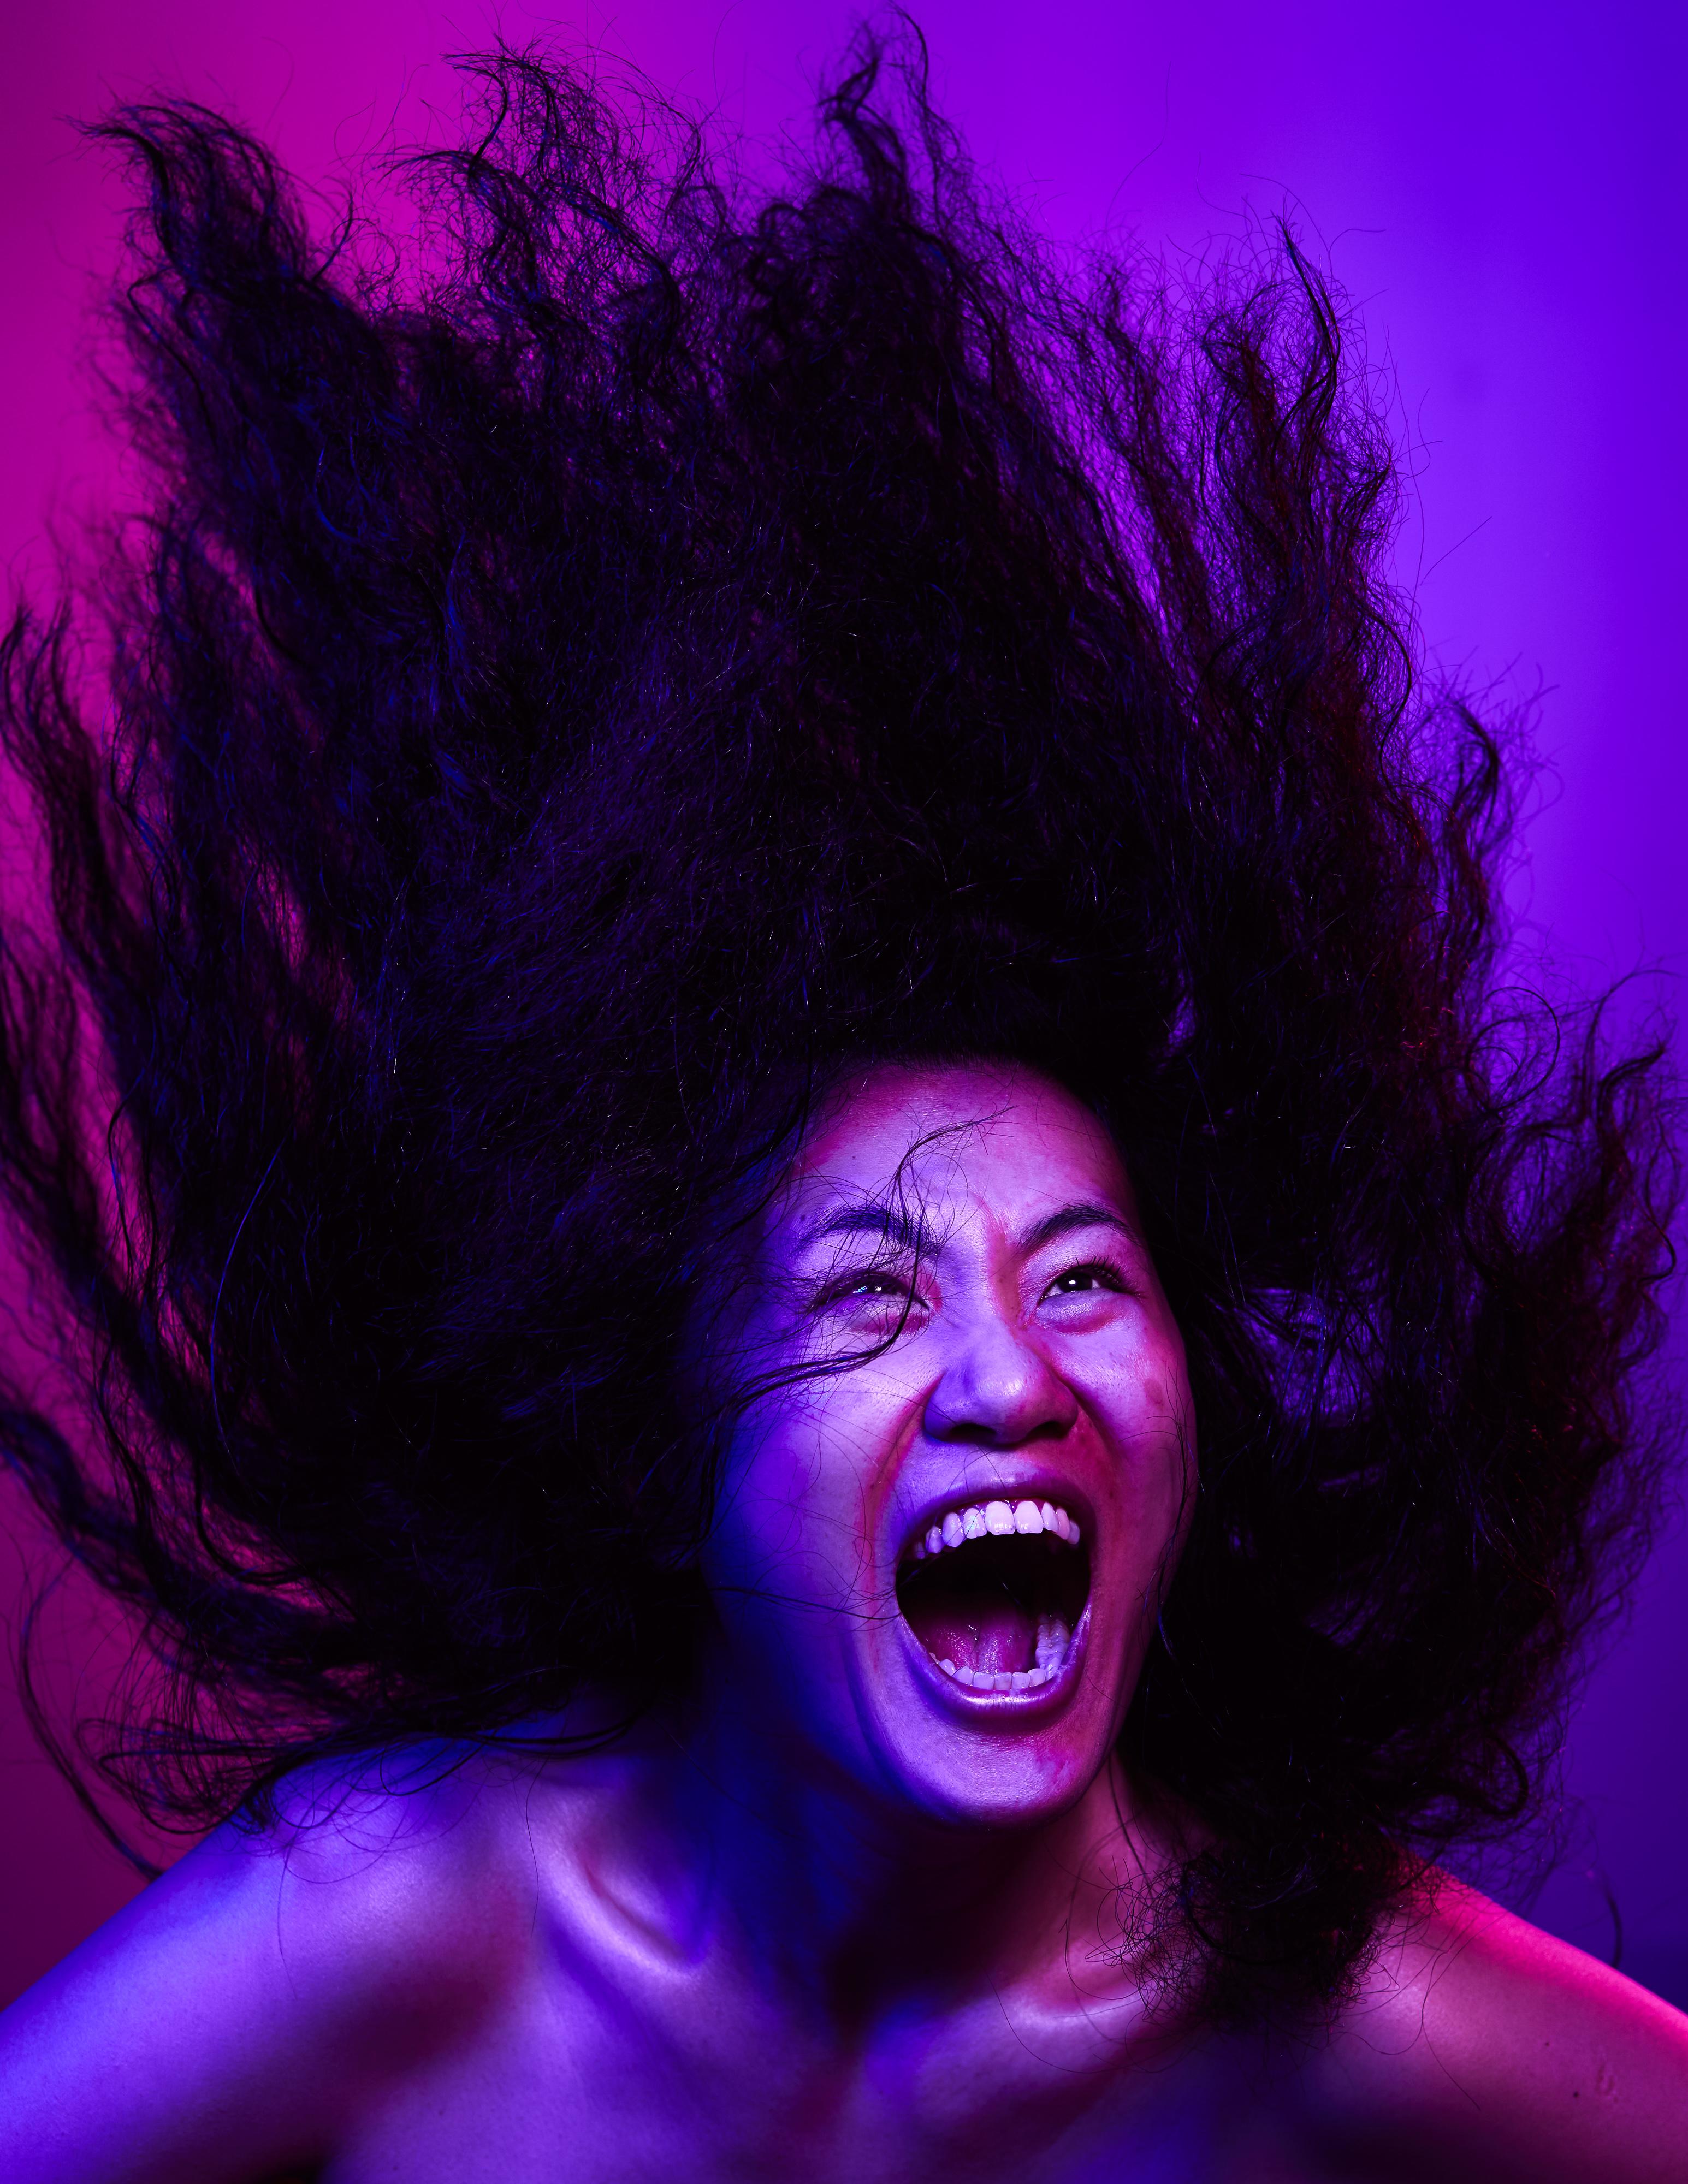 《復仇變奏曲》/人物:李婉晶/類別:宣傳照片、《復仇變奏曲》/攝影:Ivor Houlker/(天台製作 • 香港專業劇團)